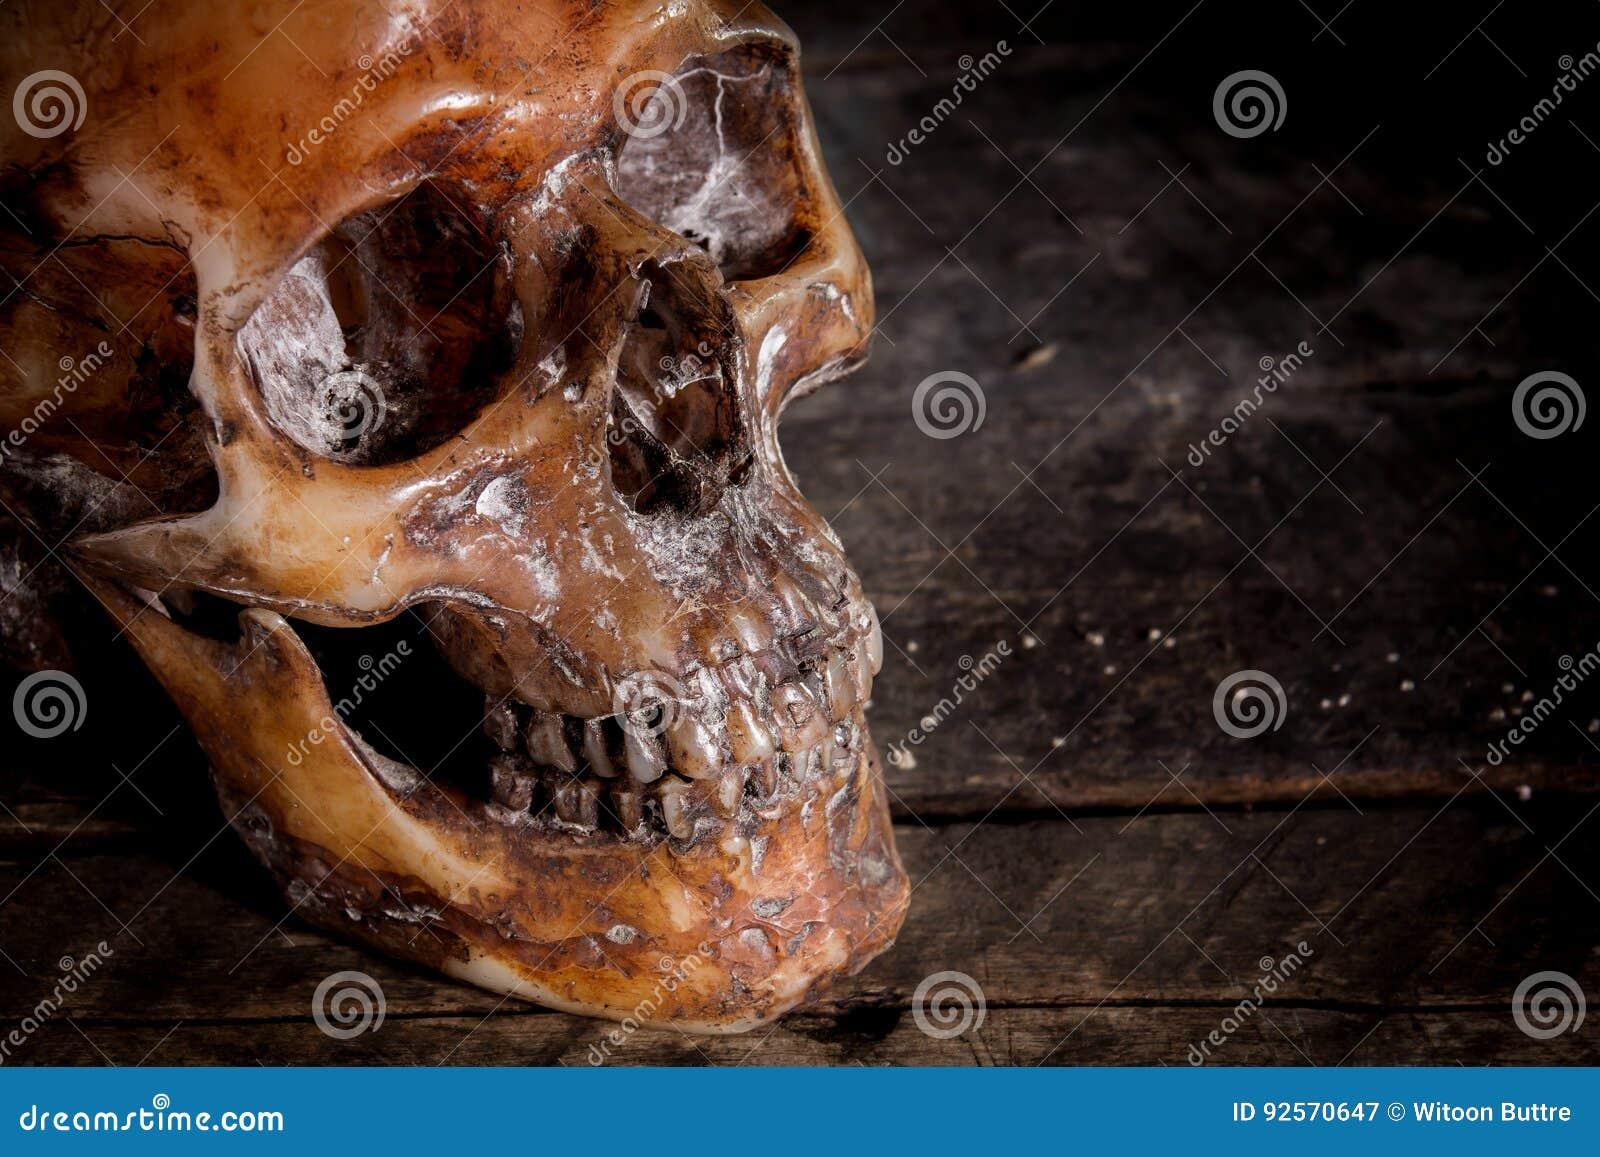 Cranio umano su vecchio fondo di legno,